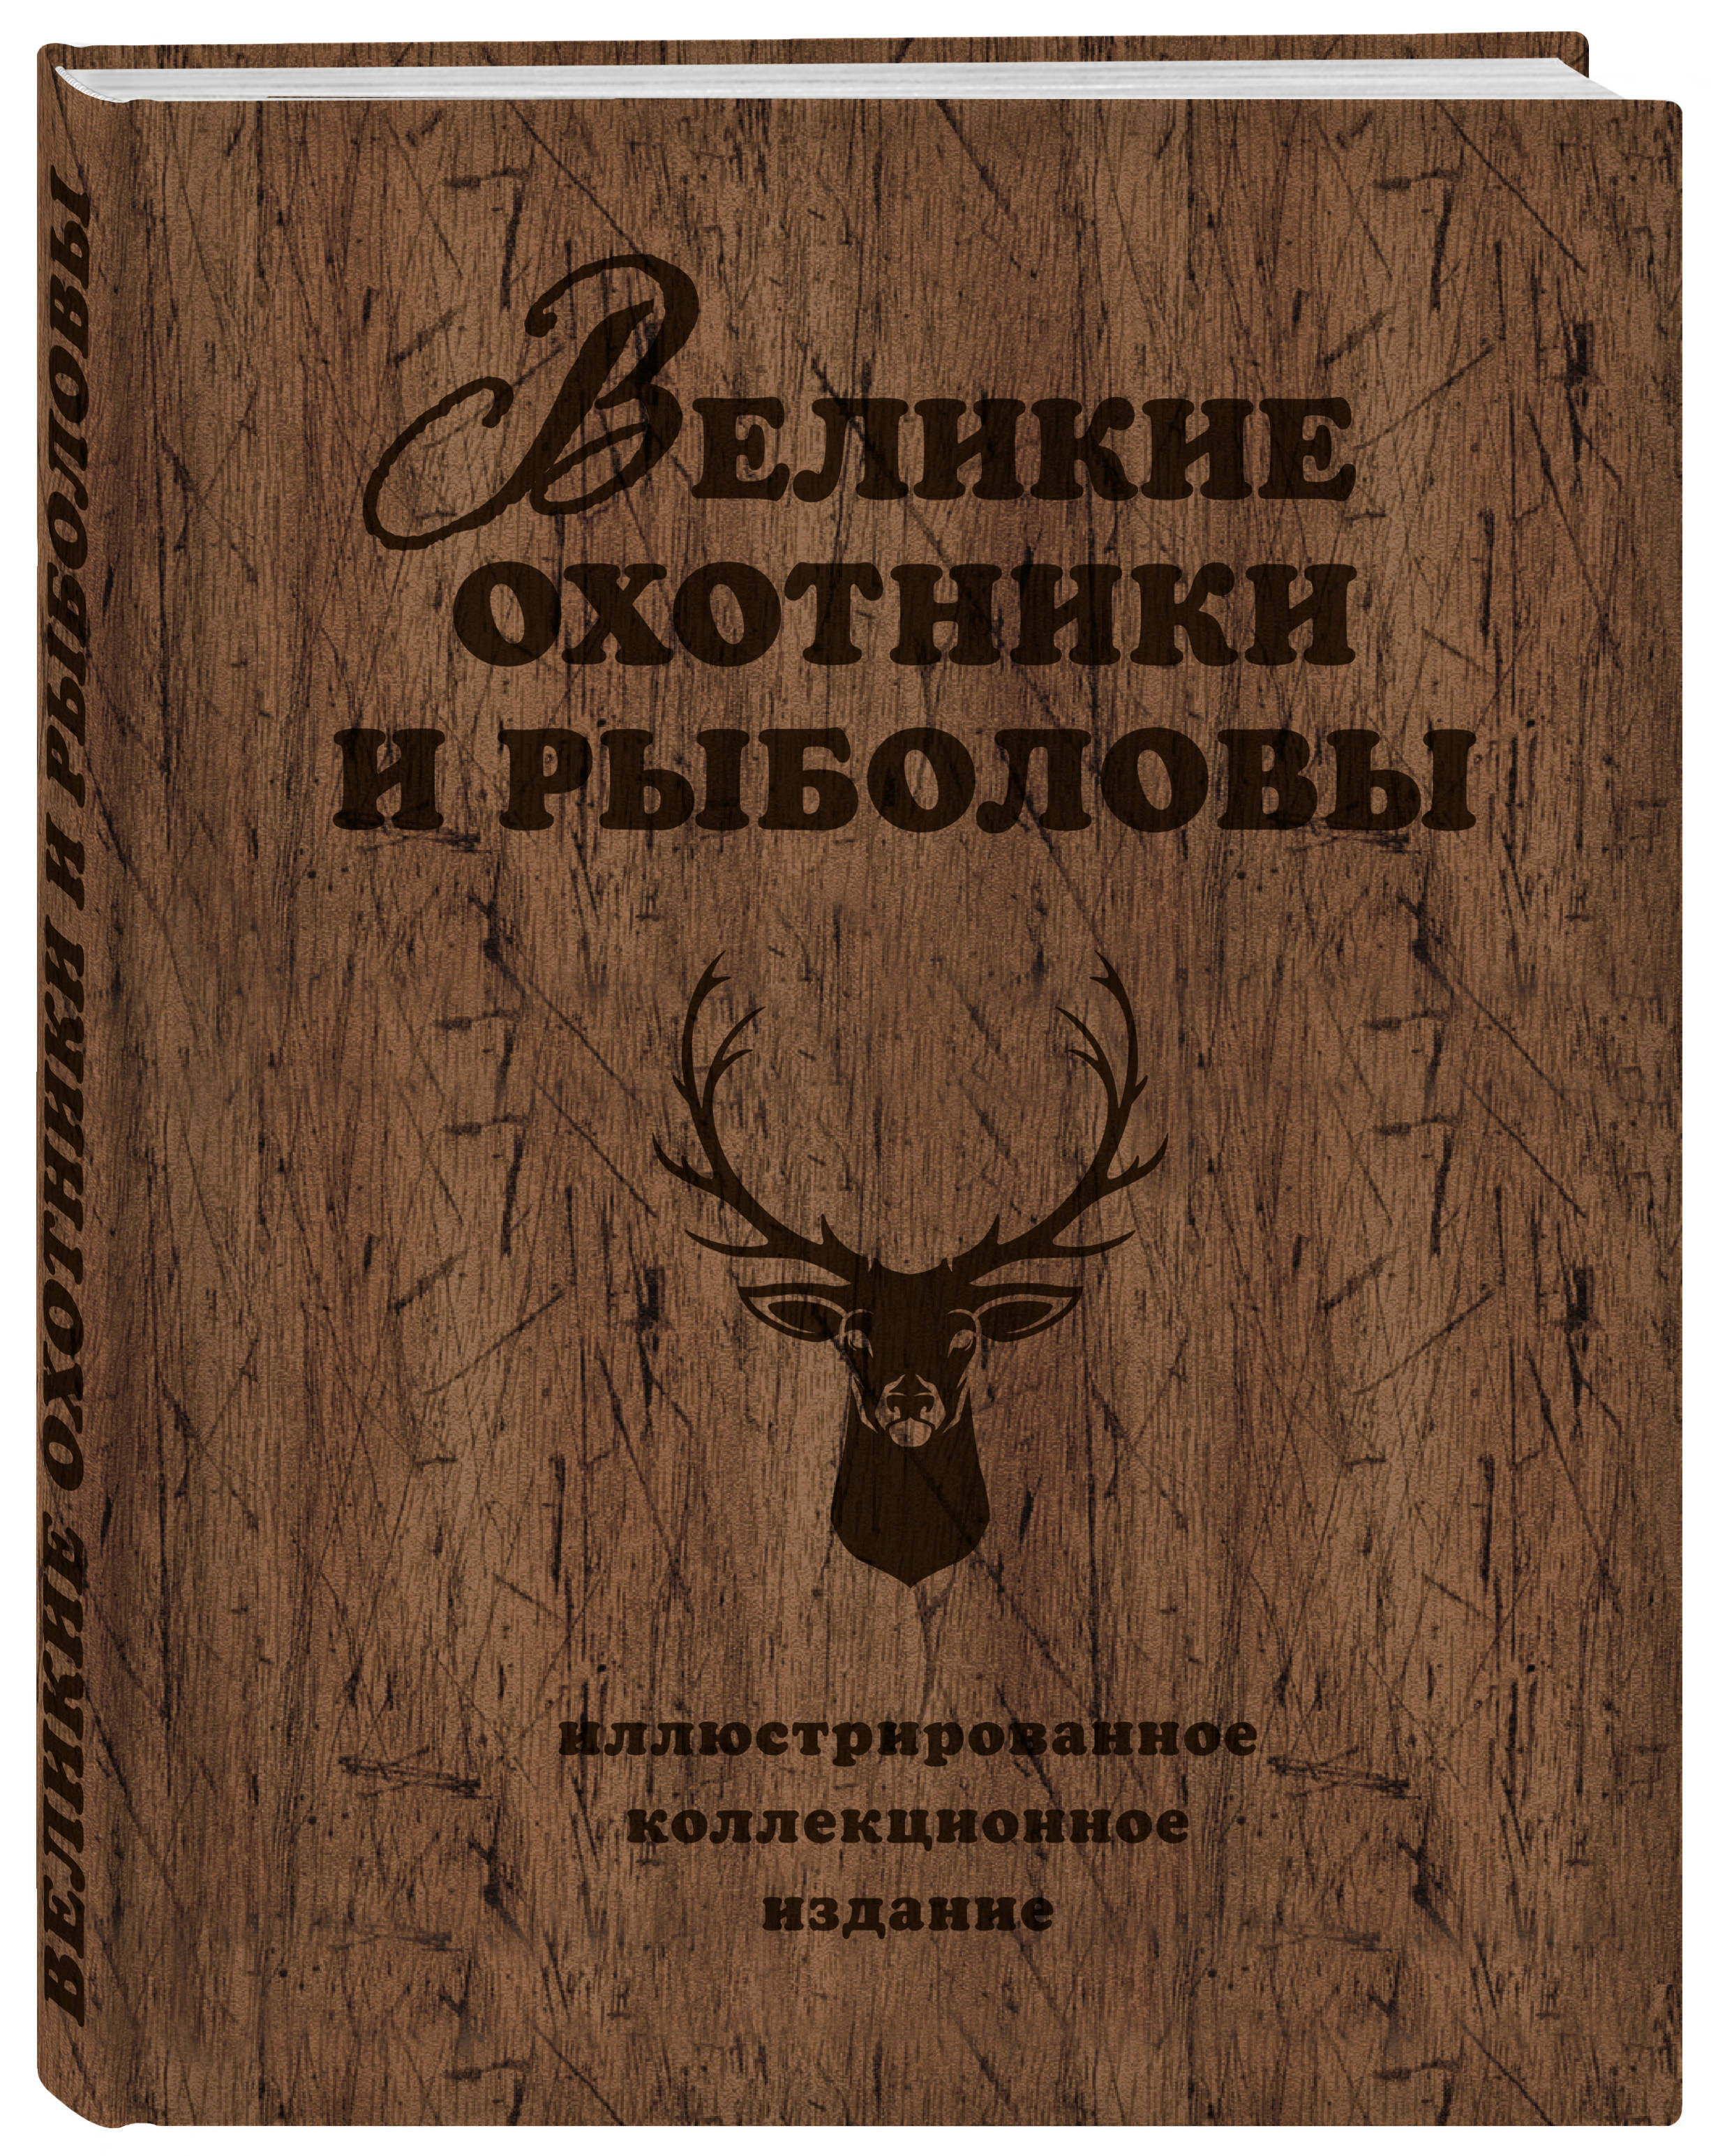 Великие охотники и рыболовы. Иллюстрированное коллекционное издание